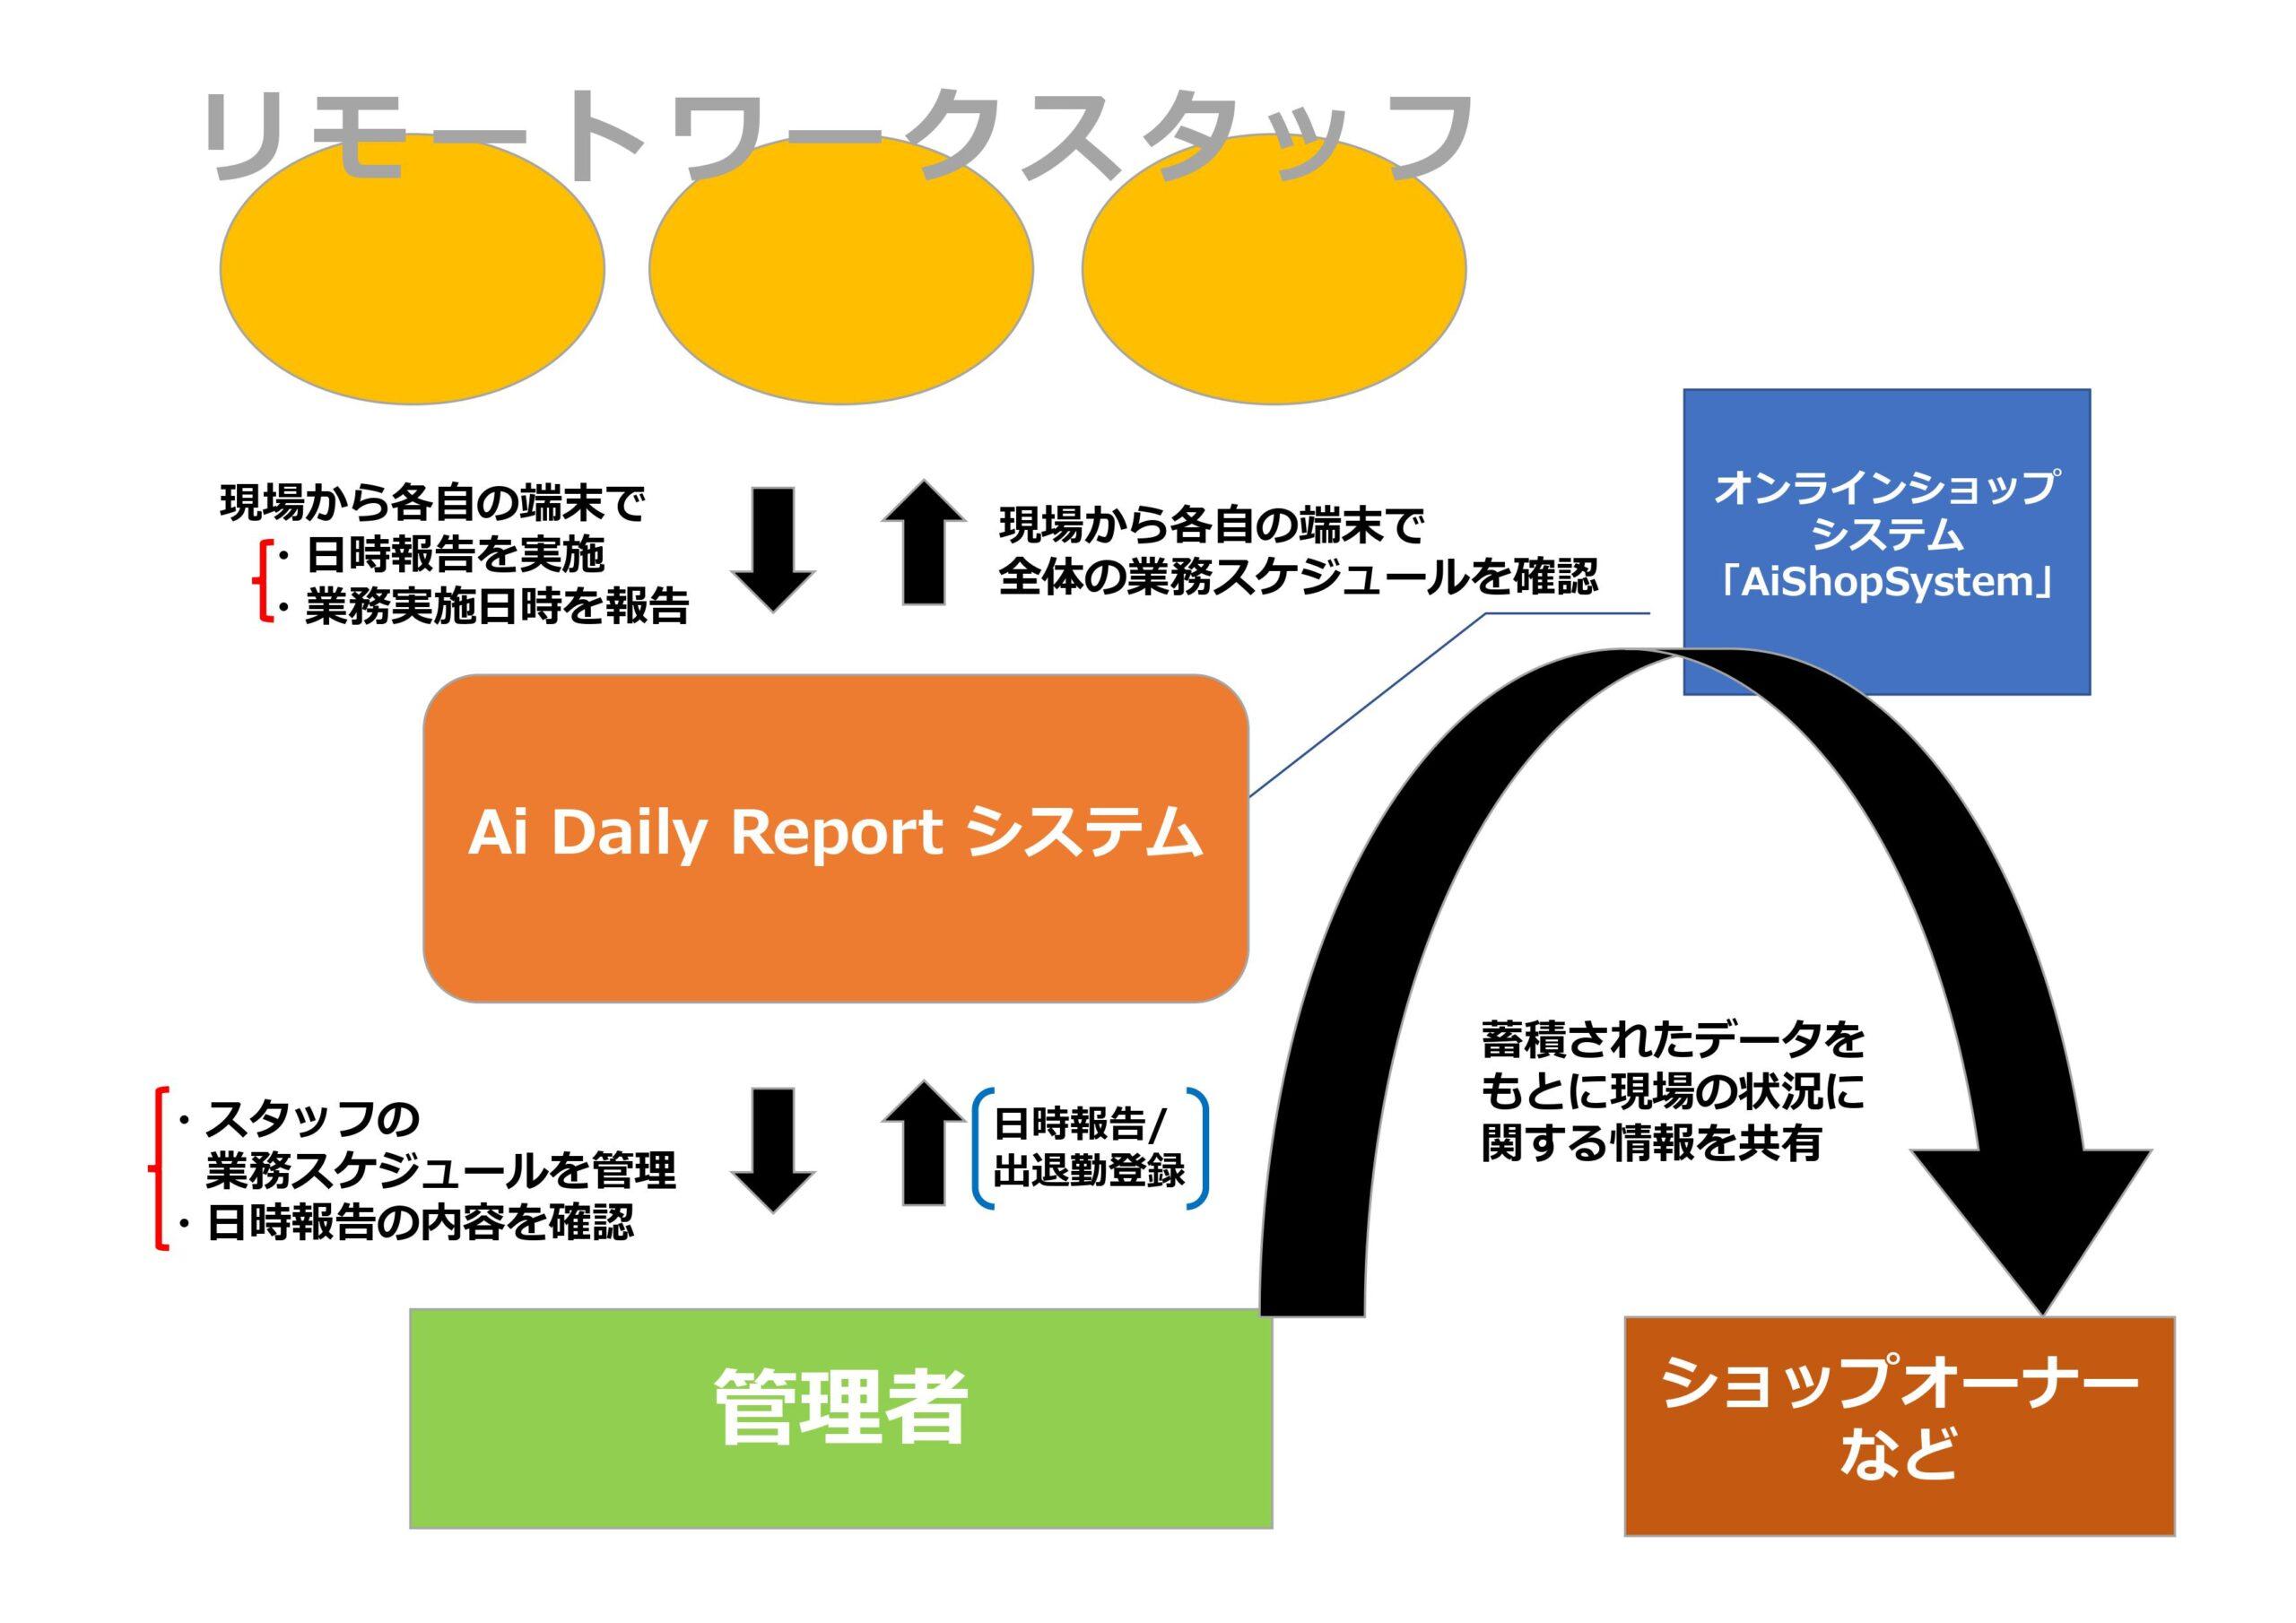 オンラインショップシステム「AiShopSystem」連動プロセス